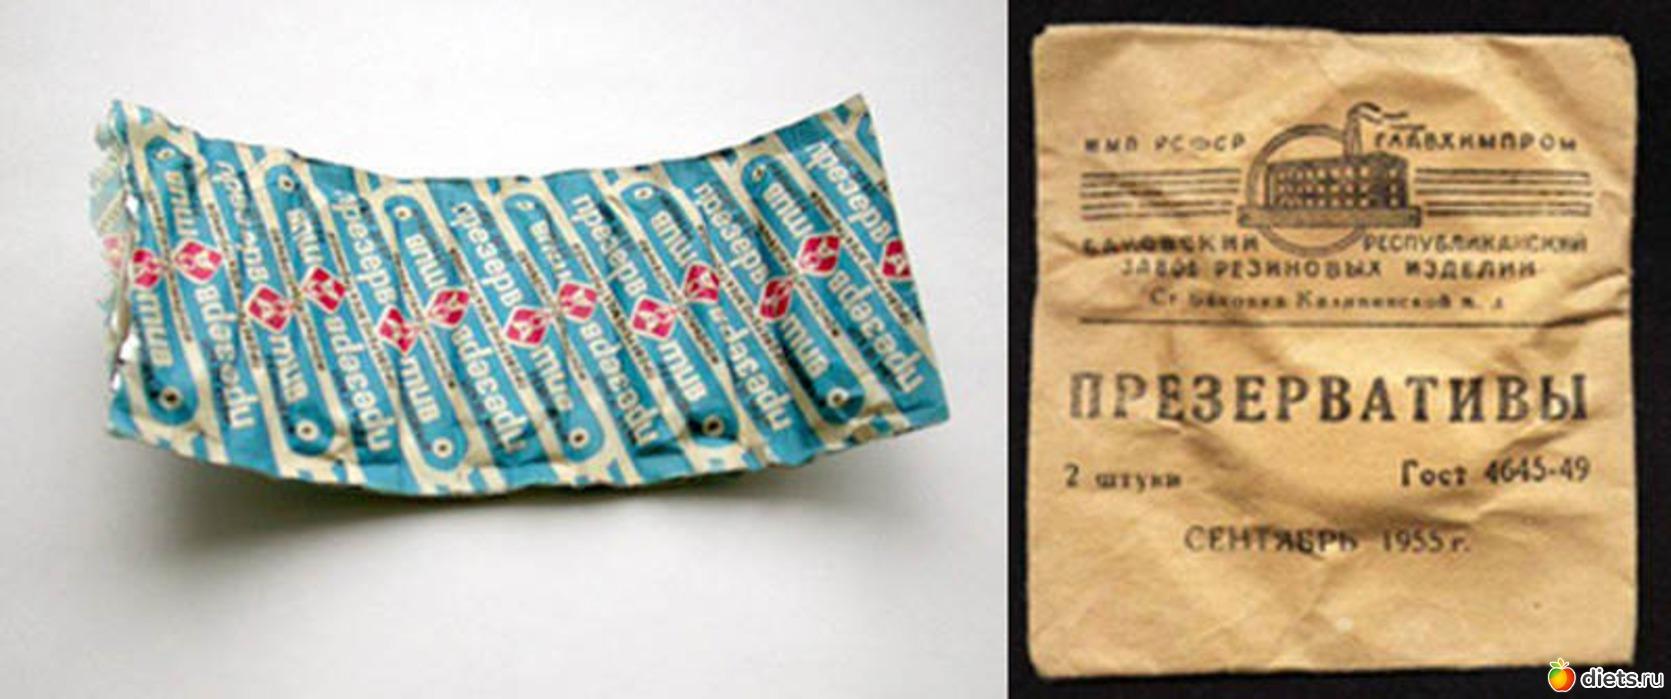 Презерватив на одну палку 19 фотография